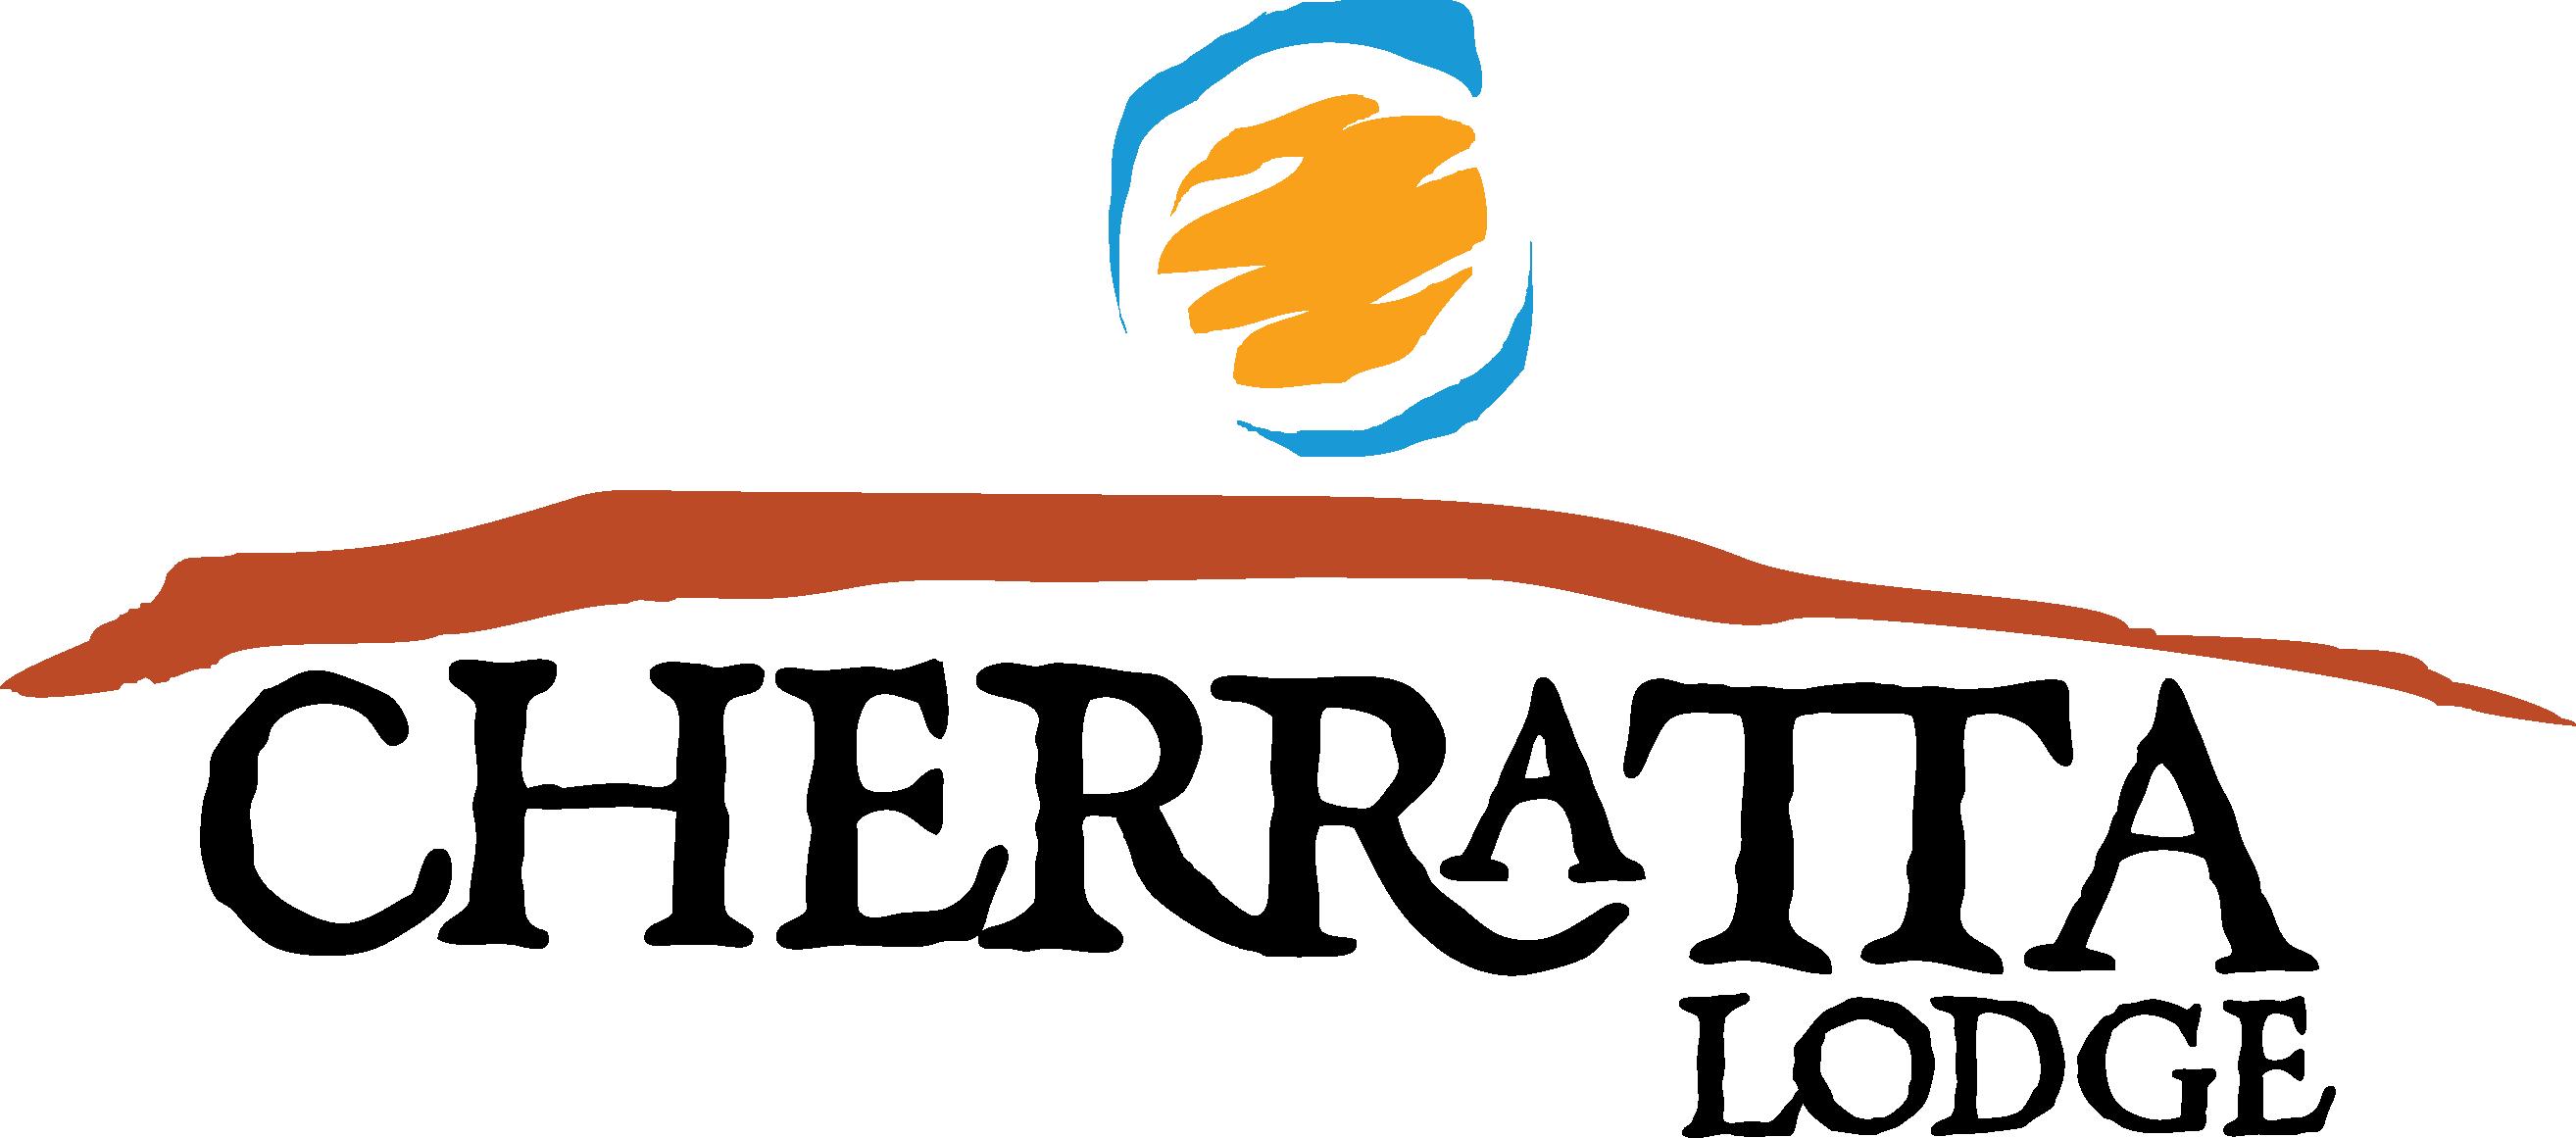 Cherratta logo - No Pilbara